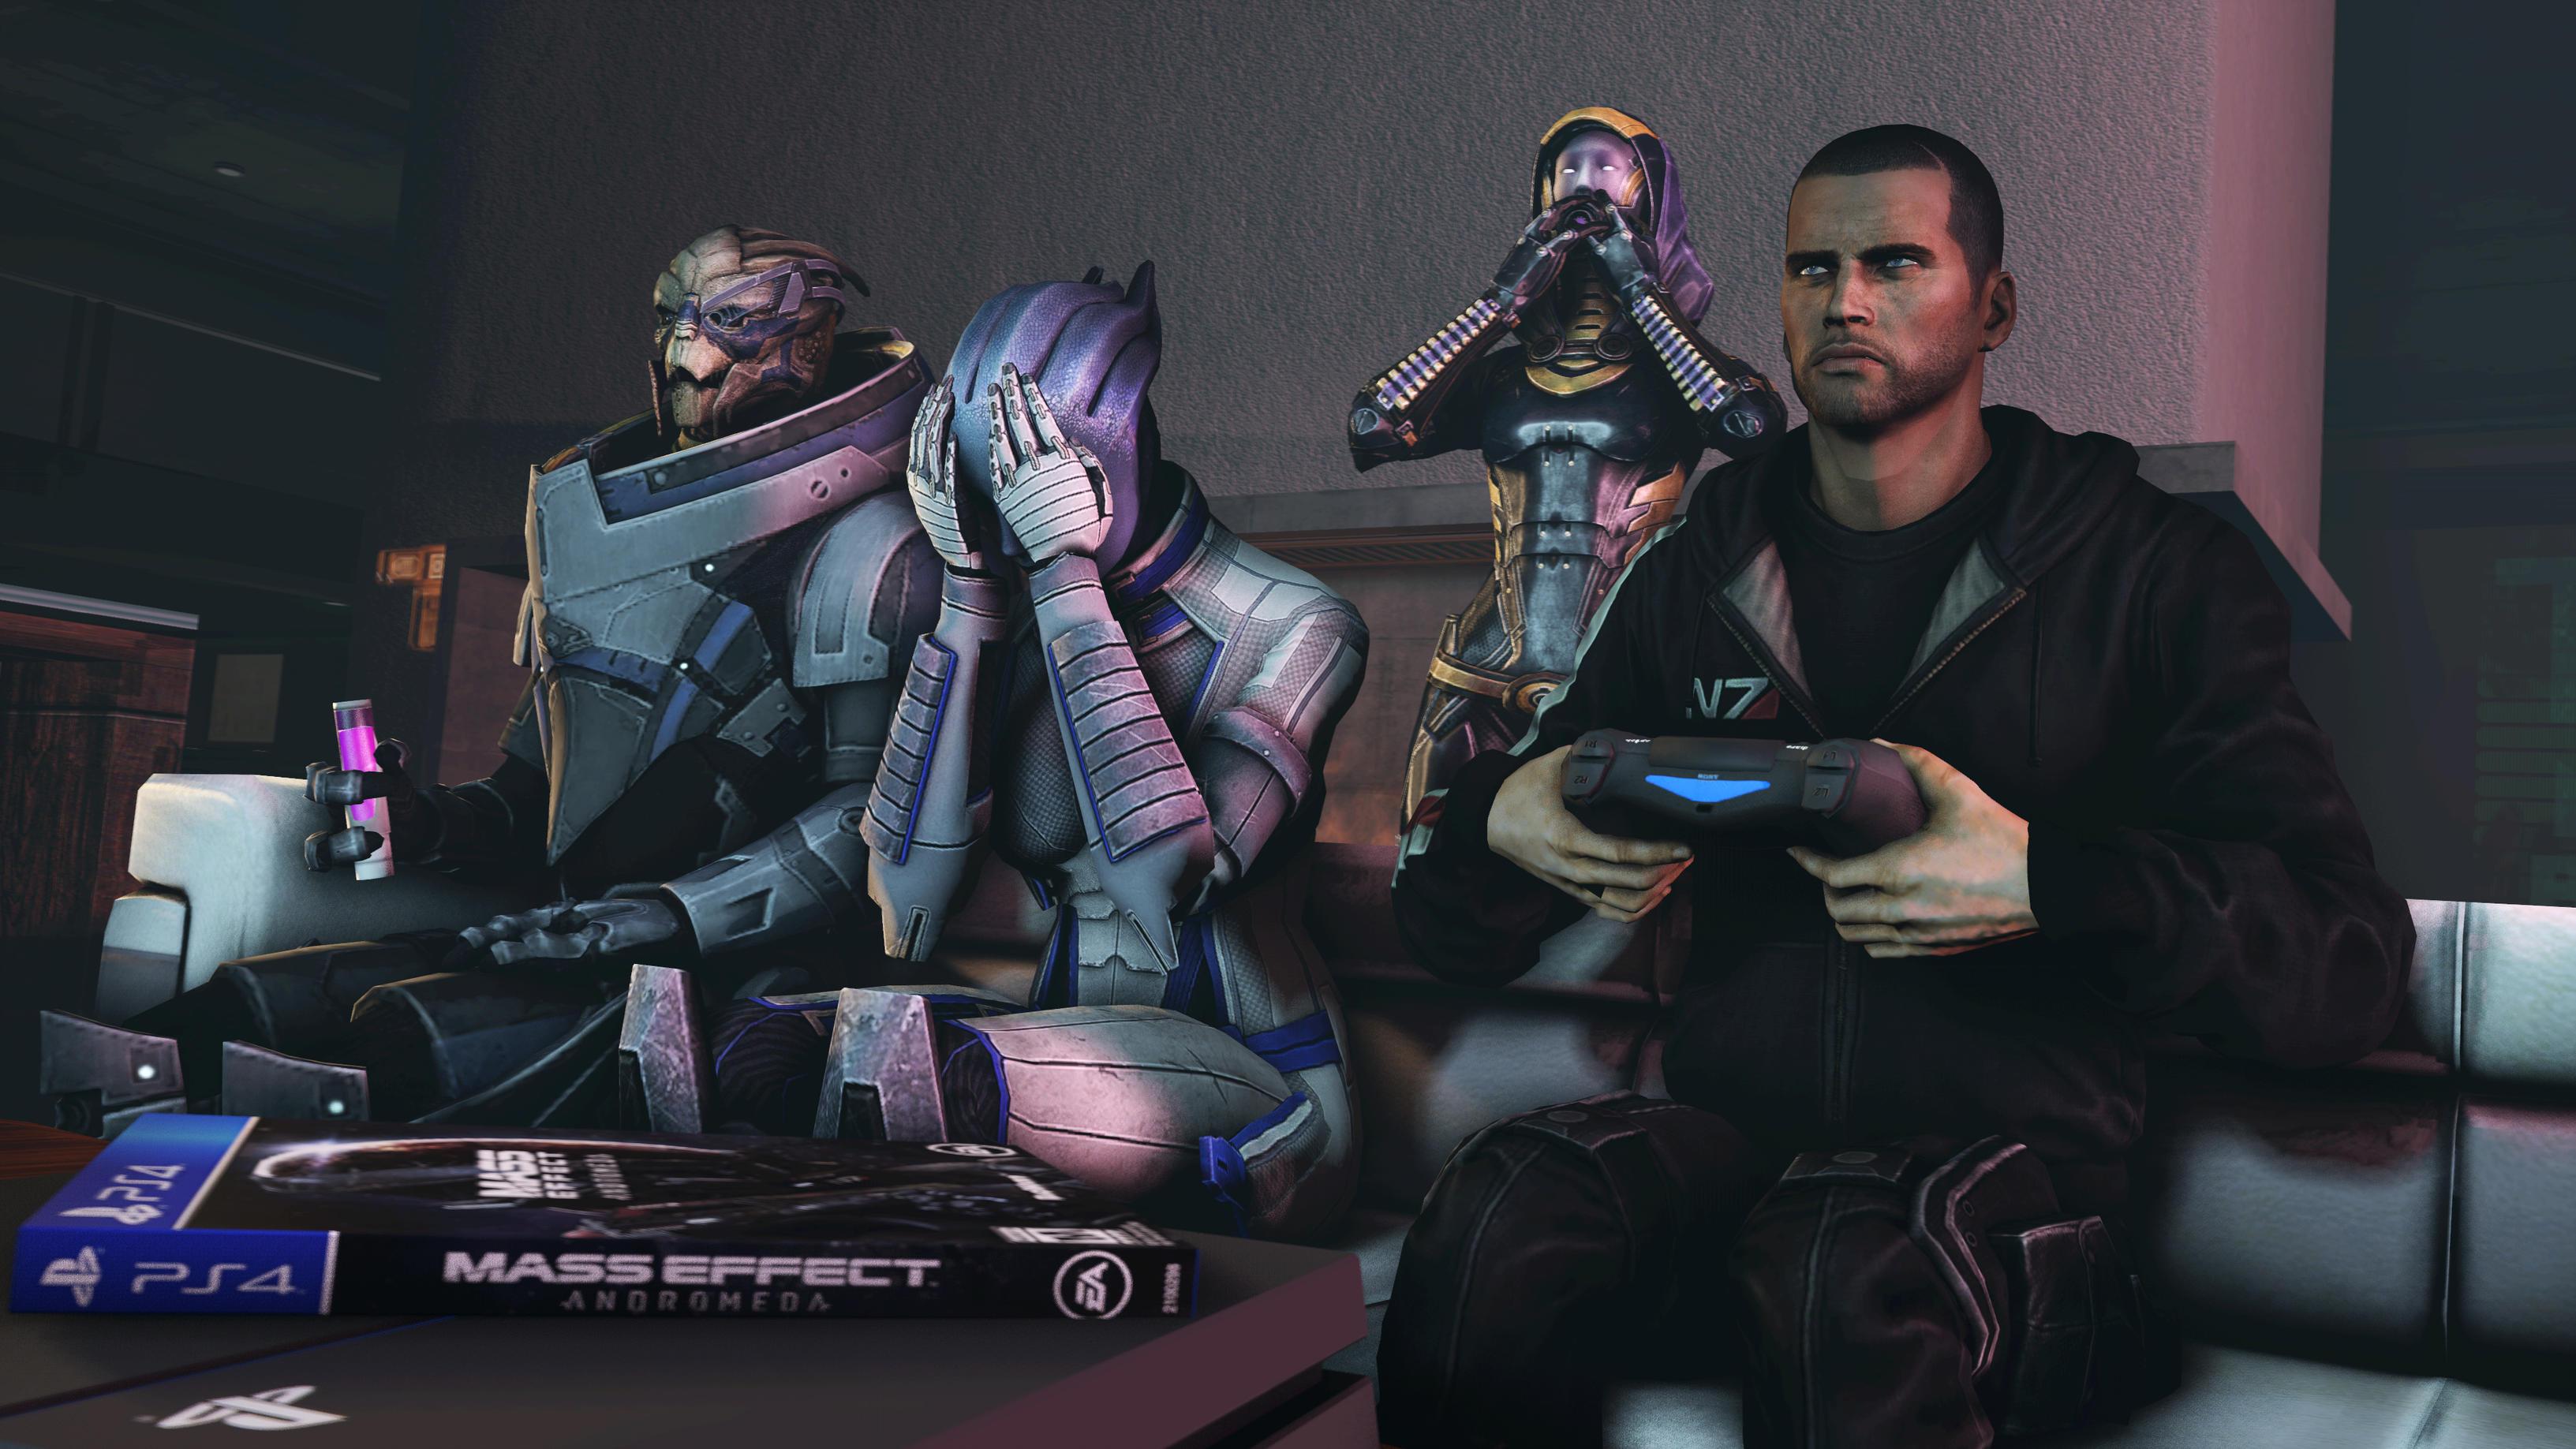 """Шепард играет в """"Андромеду"""" ) - Mass Effect 3"""